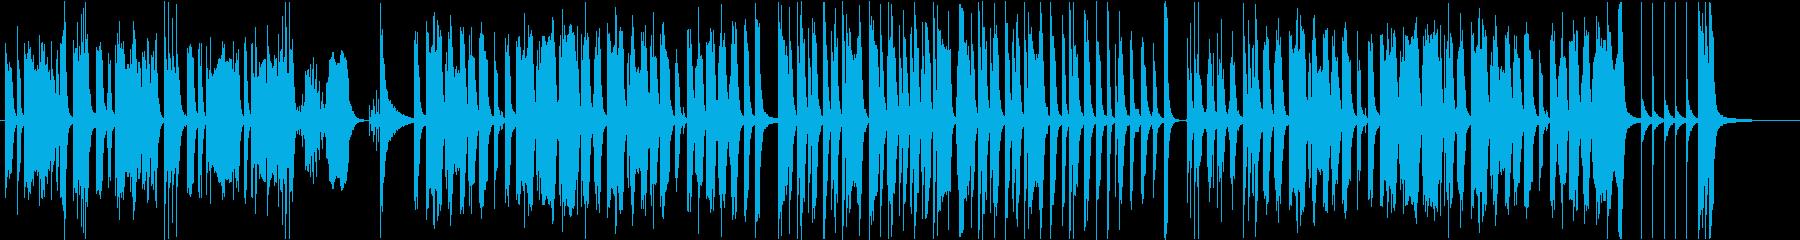 ゆっくり歩く動物をイメージした曲の再生済みの波形